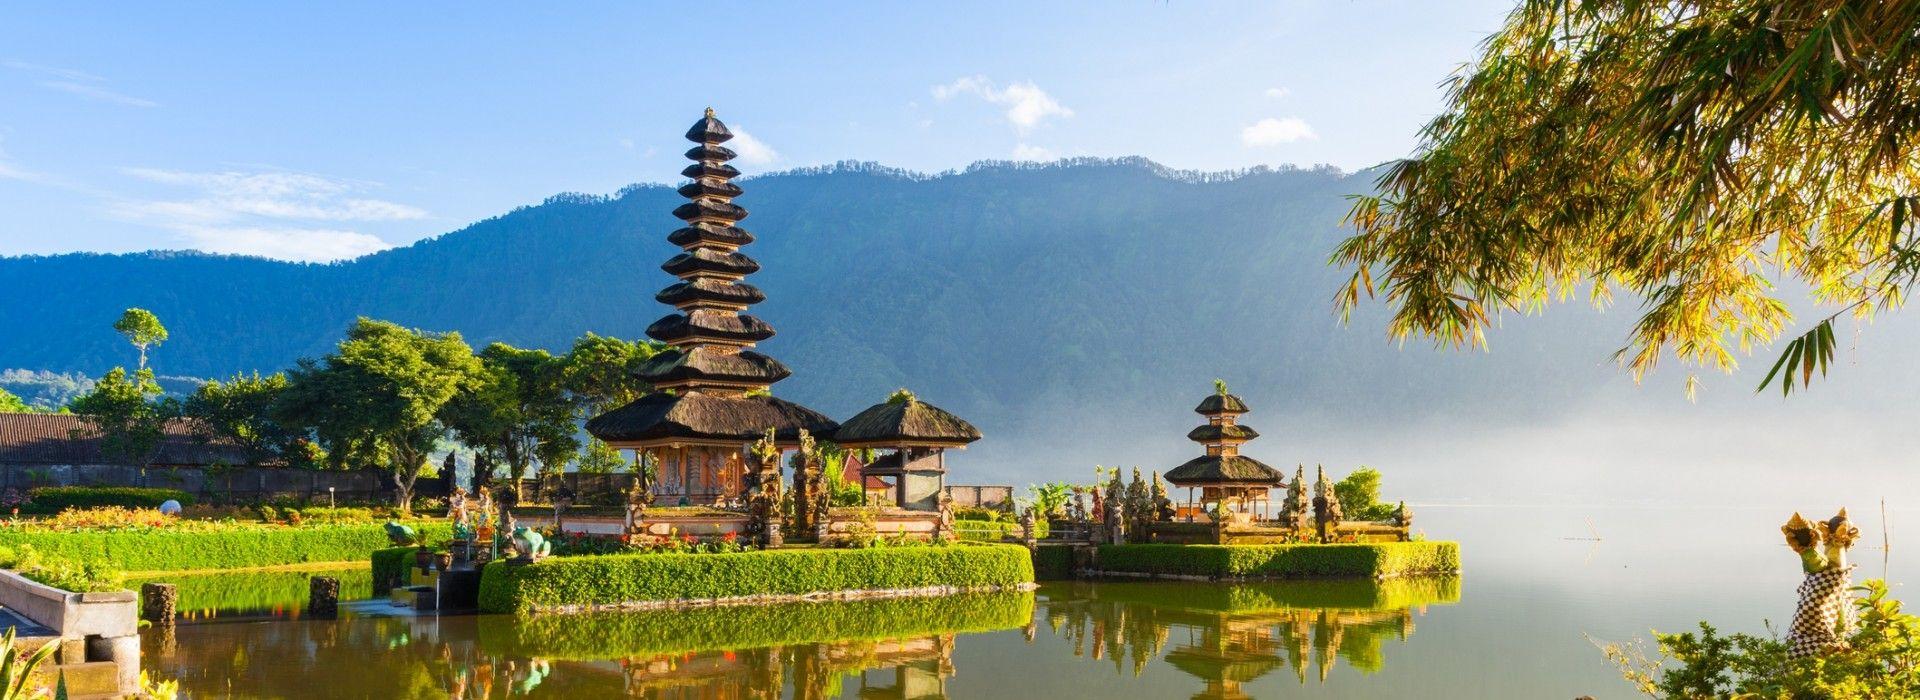 Mountain biking Tours in Indonesia